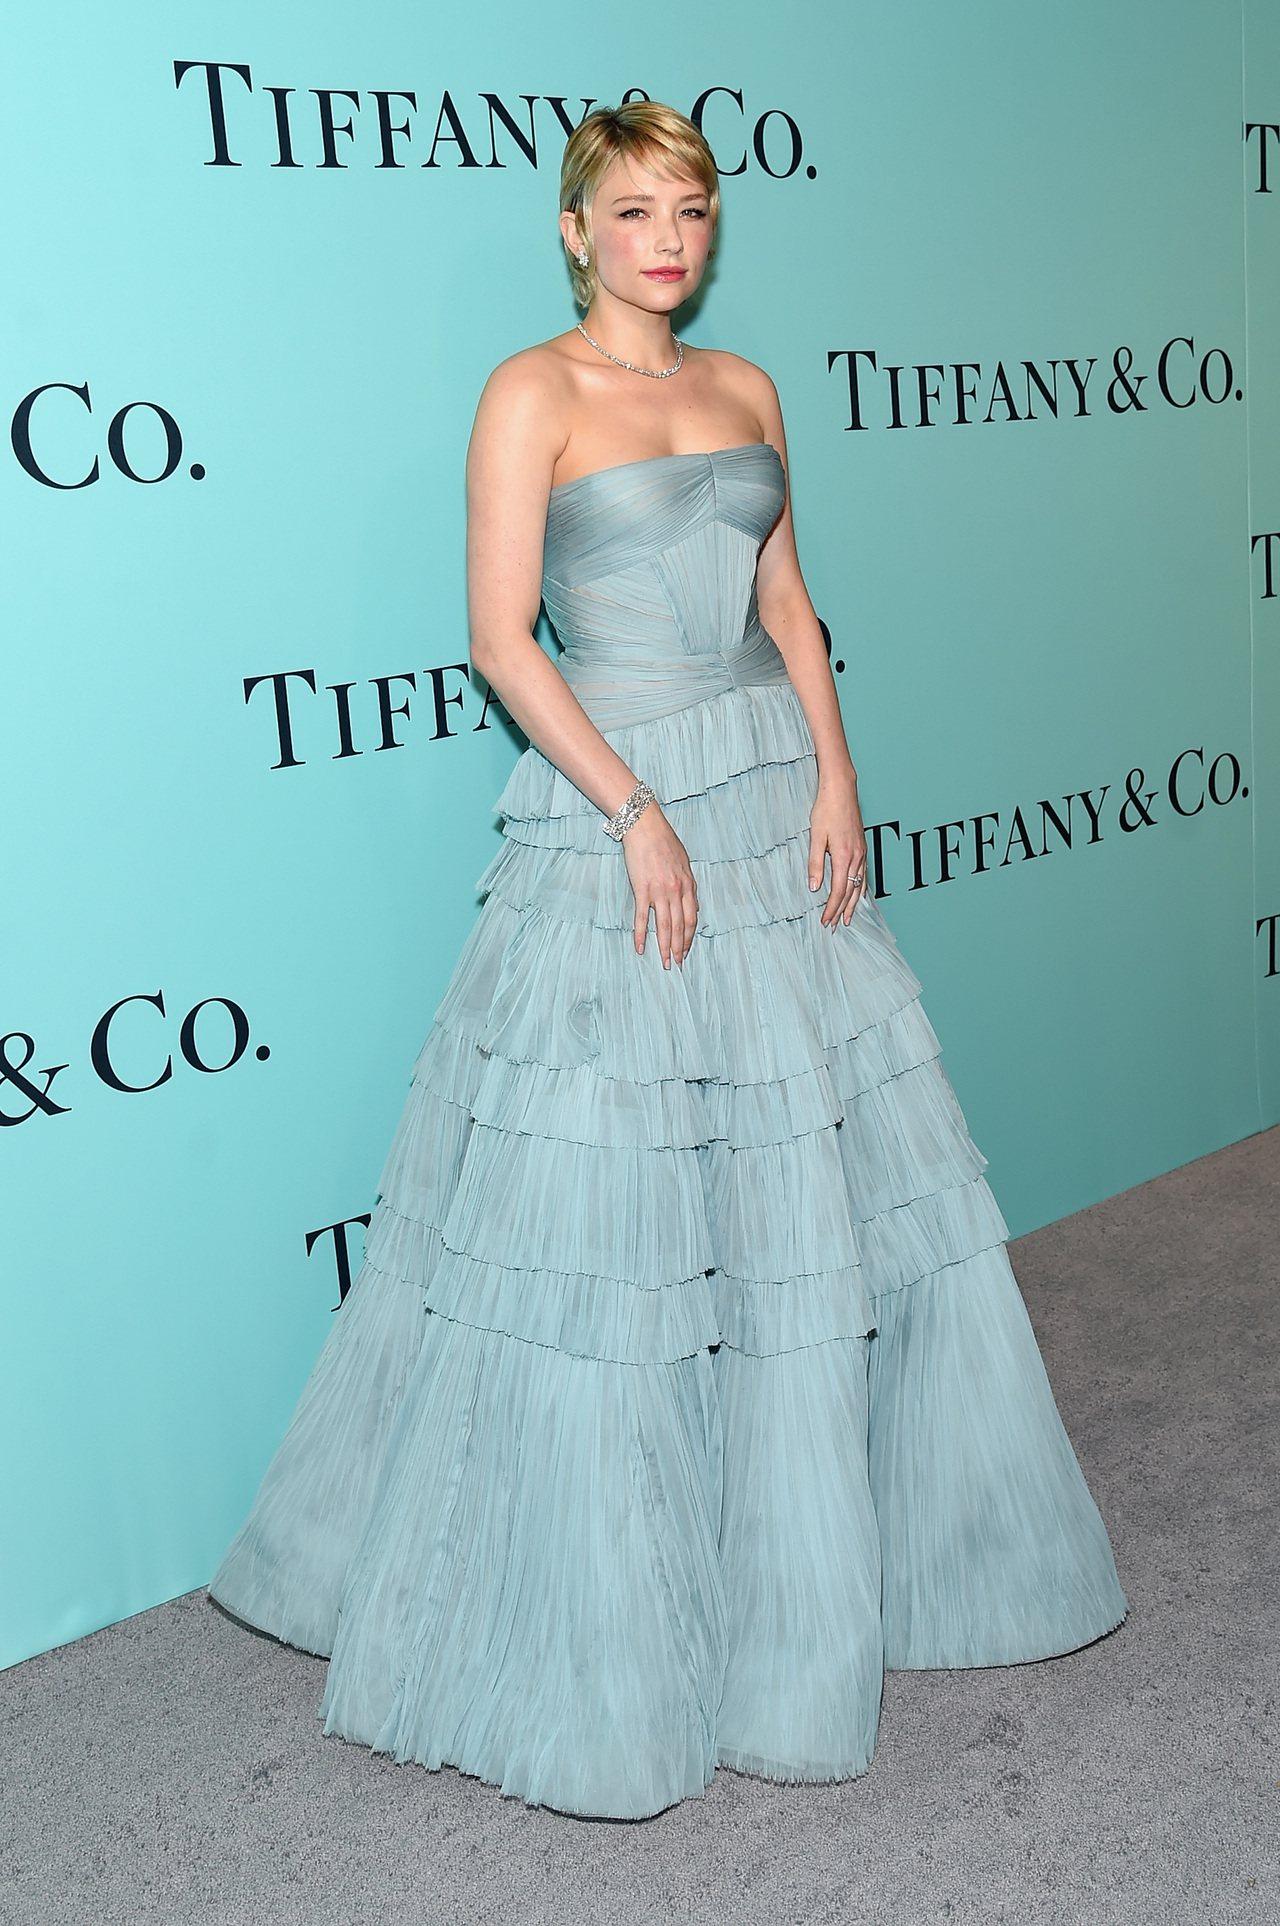 海莉班奈特選擇藍綠色禮服呼應品牌色調,搭配Tiffany鑽飾格外浪漫。圖/Tif...